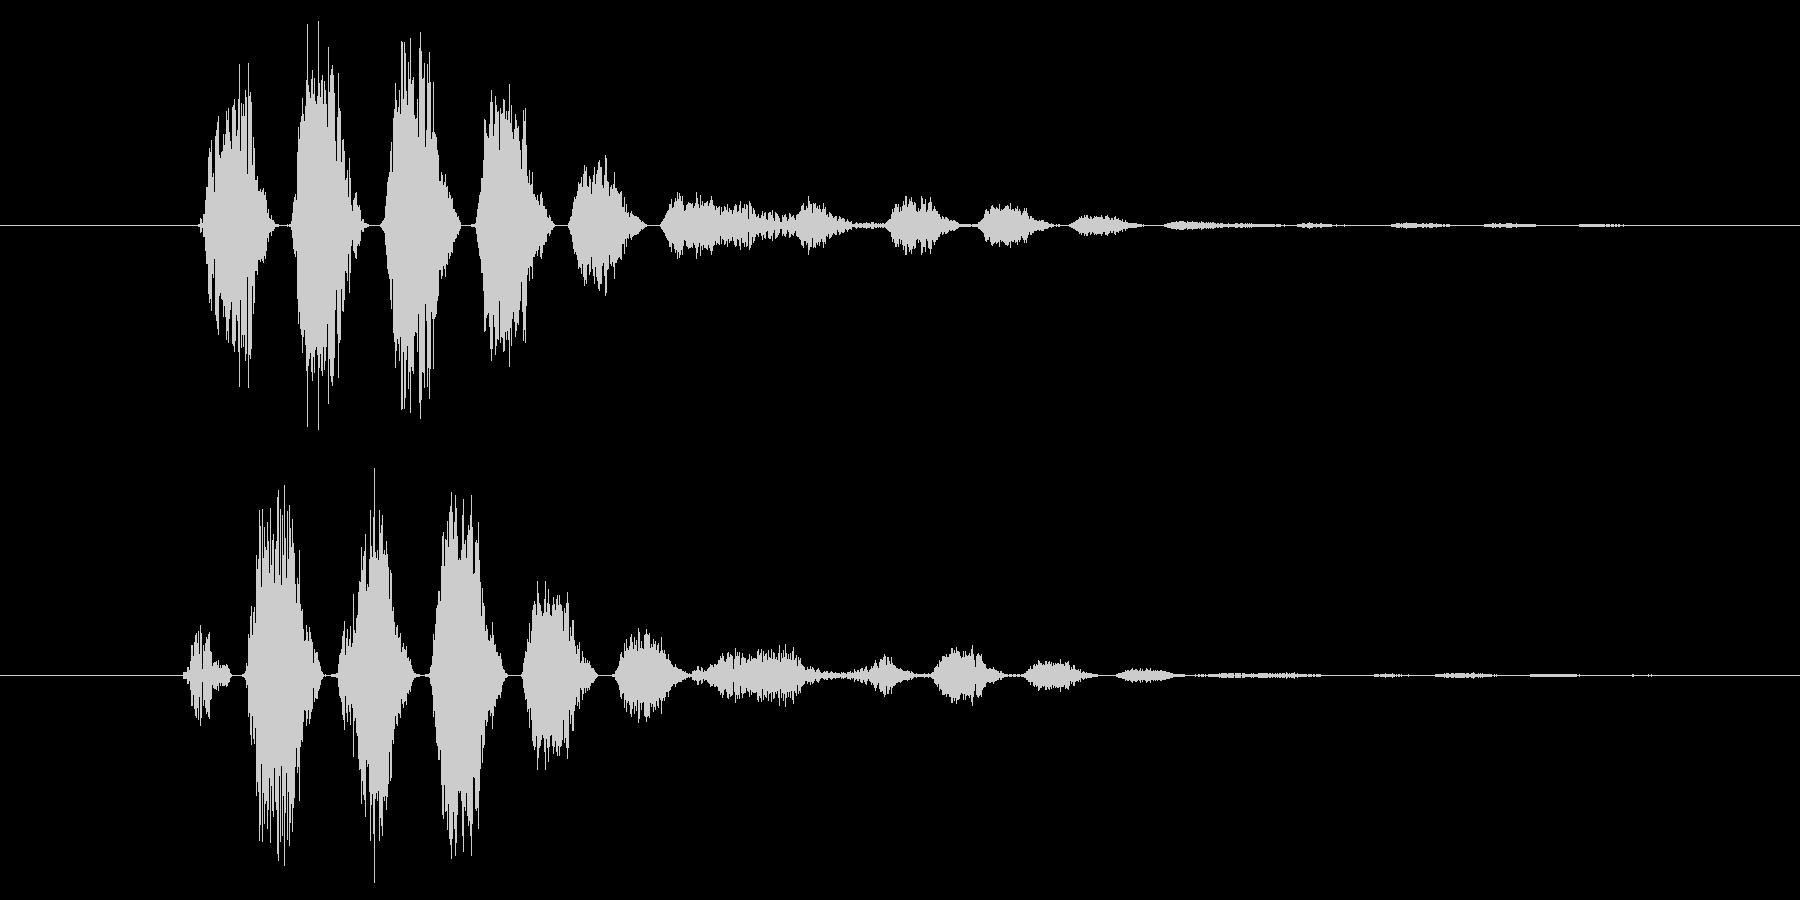 ピュン(決定音、呪文など色々使える音)の未再生の波形